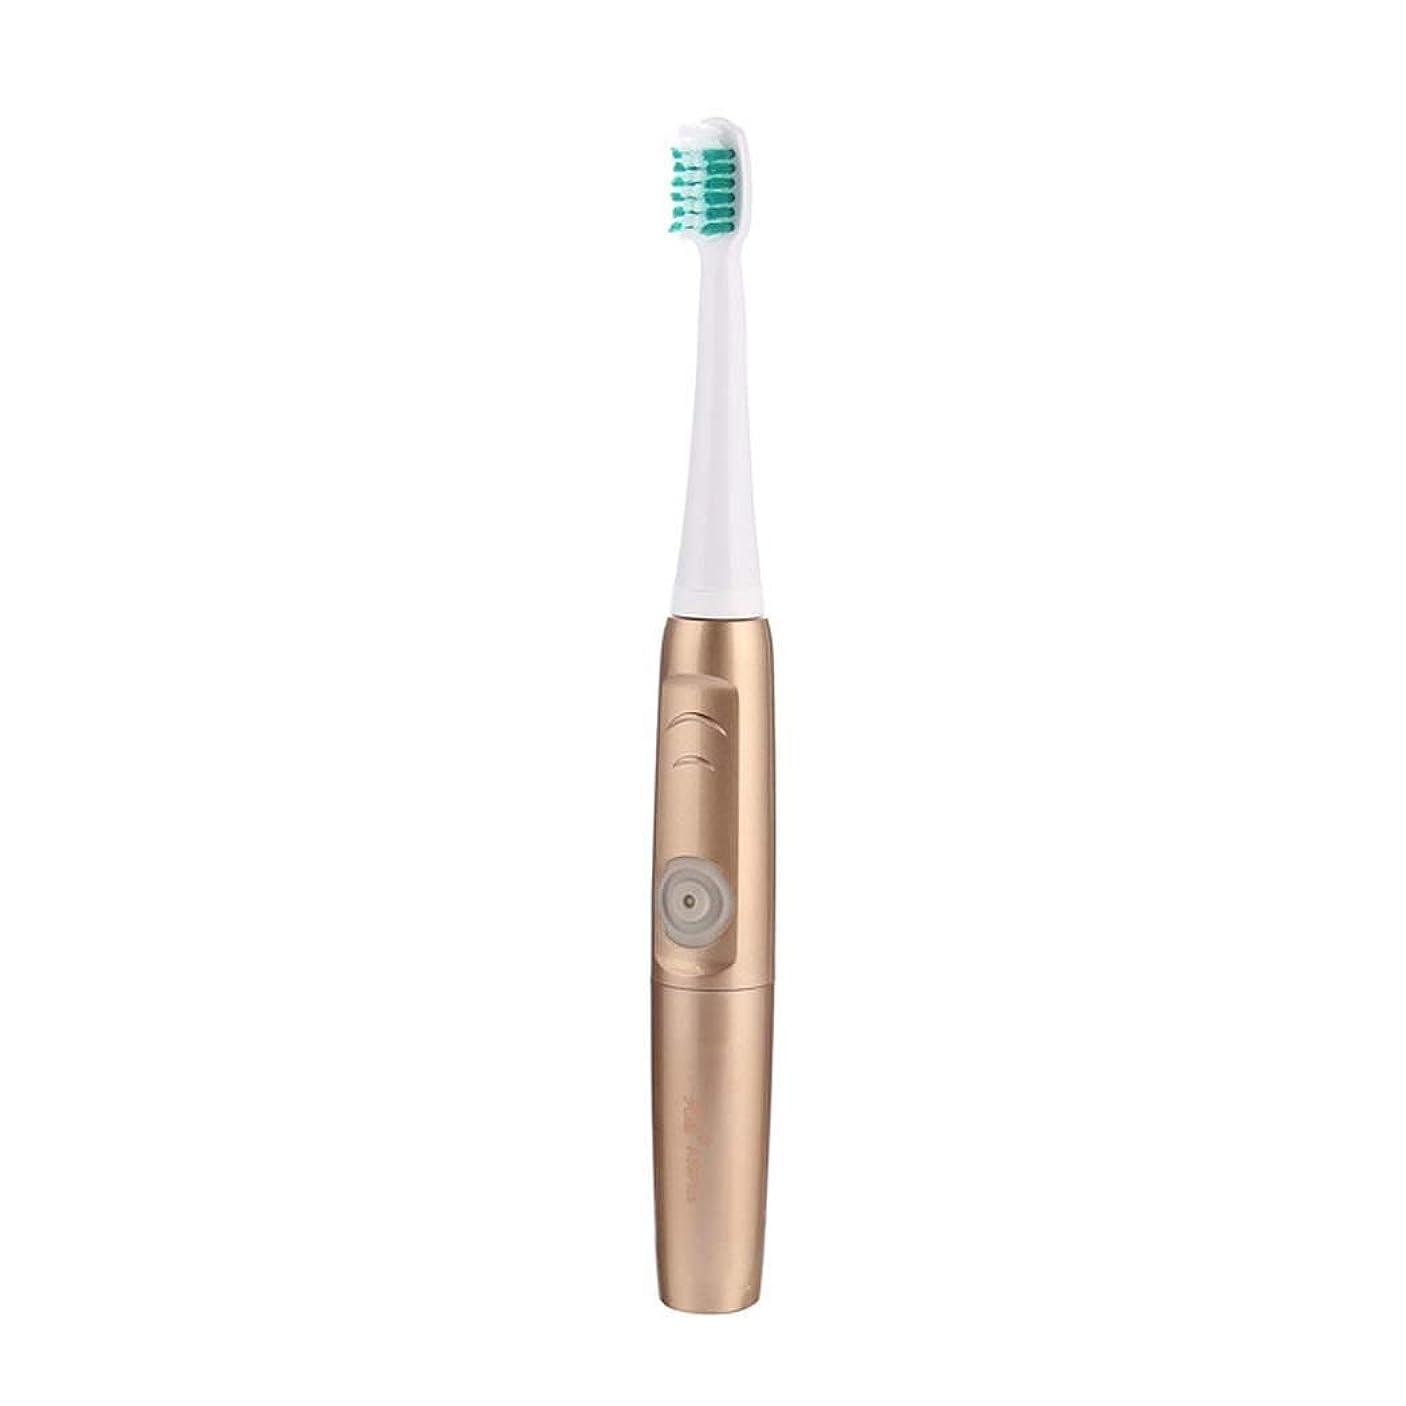 有料マーケティング焦がす電動歯ブラシ、充電式ポータブル歯ブラシ、超音波電動防水歯ブラシ、誘導充電、3個の交換用ヘッド付き